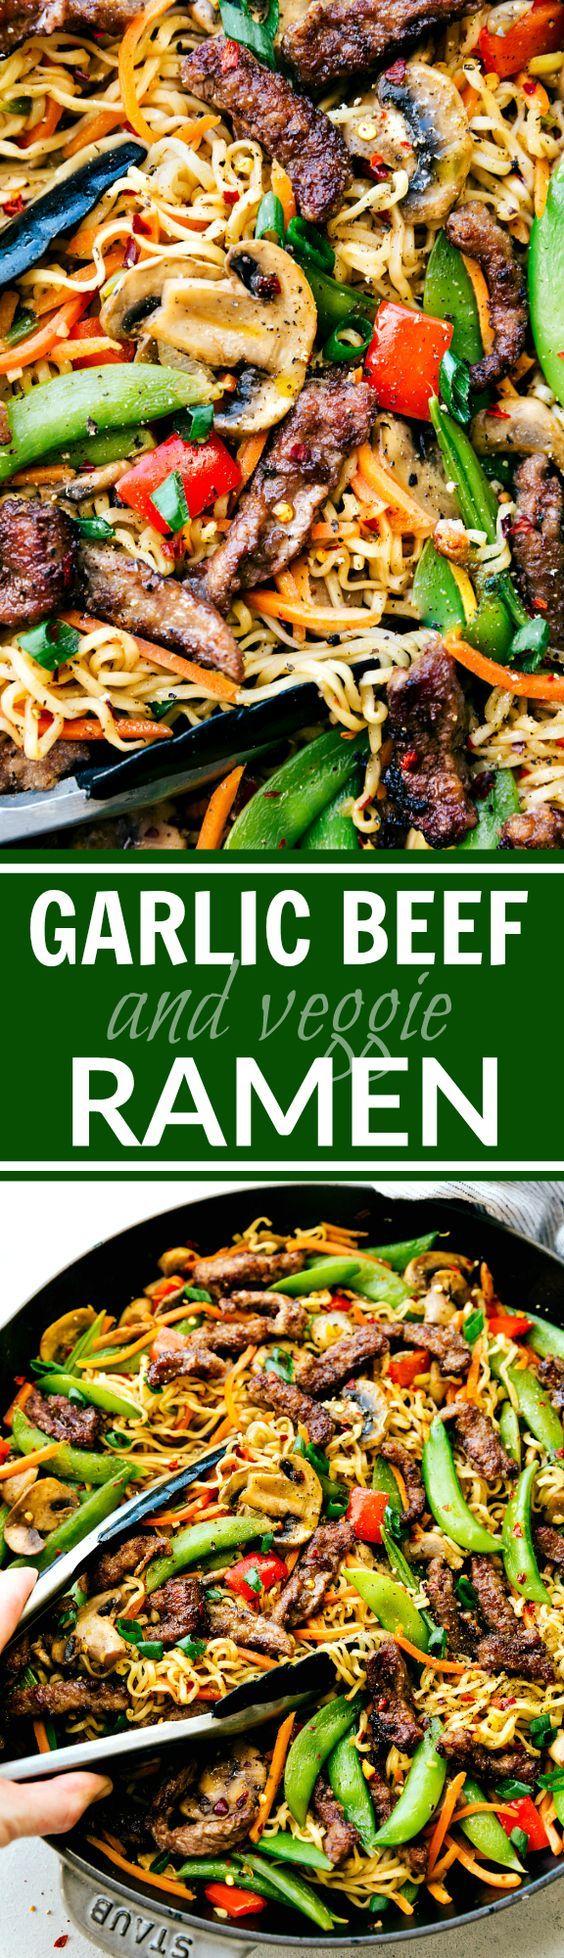 Garlic Beef and Veggie Ramen | YourCookNow